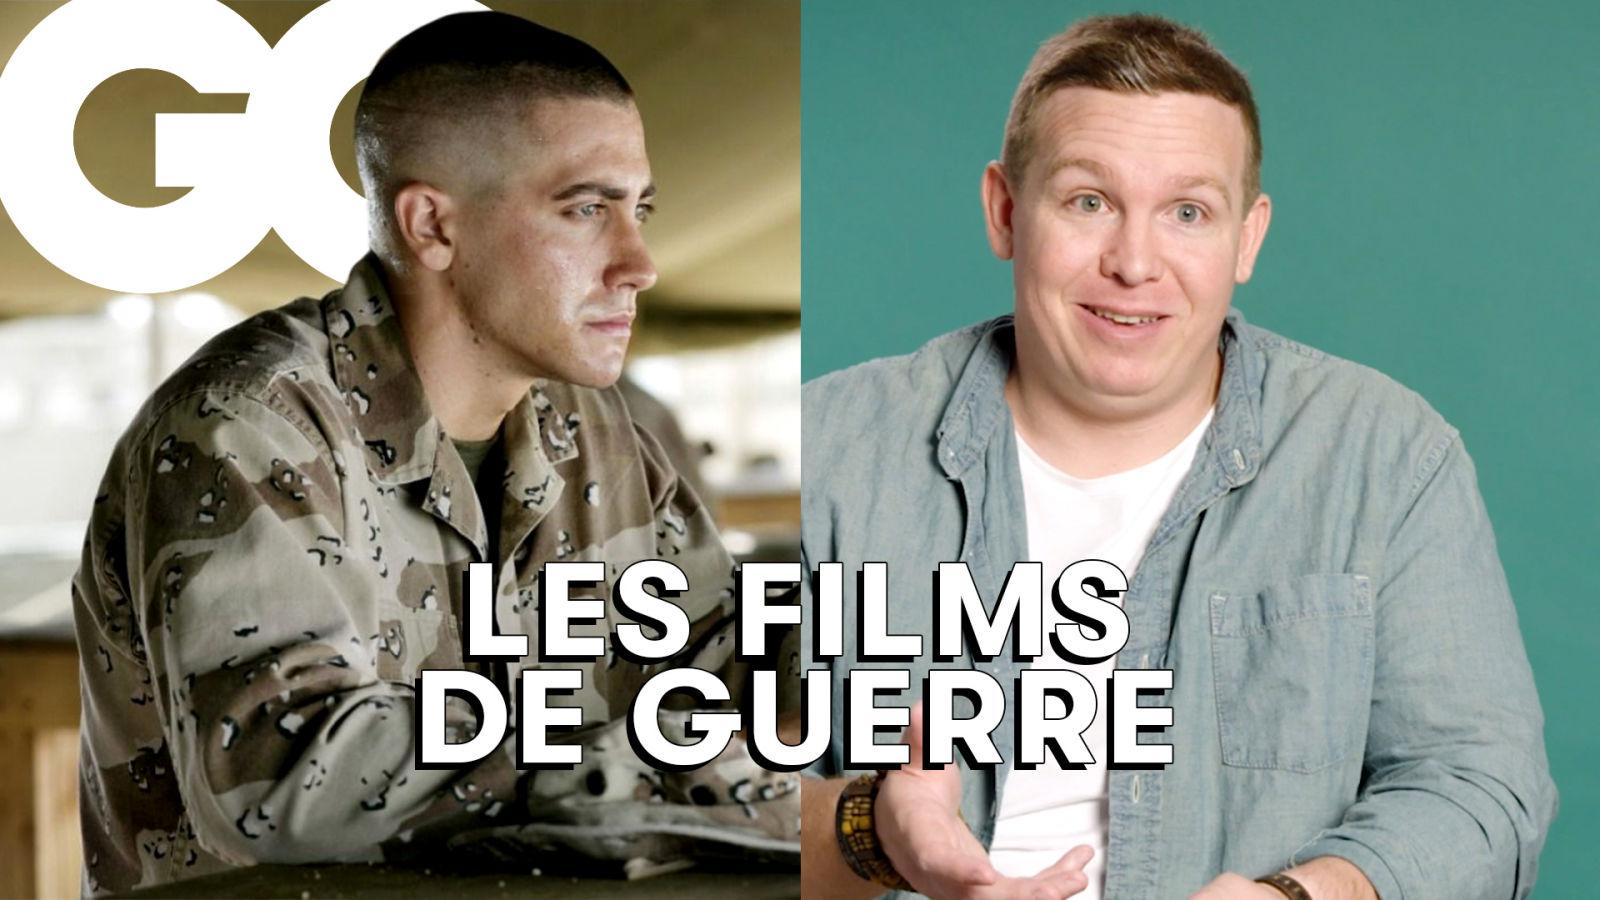 James Laporta de l'US Navy décrypte des scènes de films de guerre